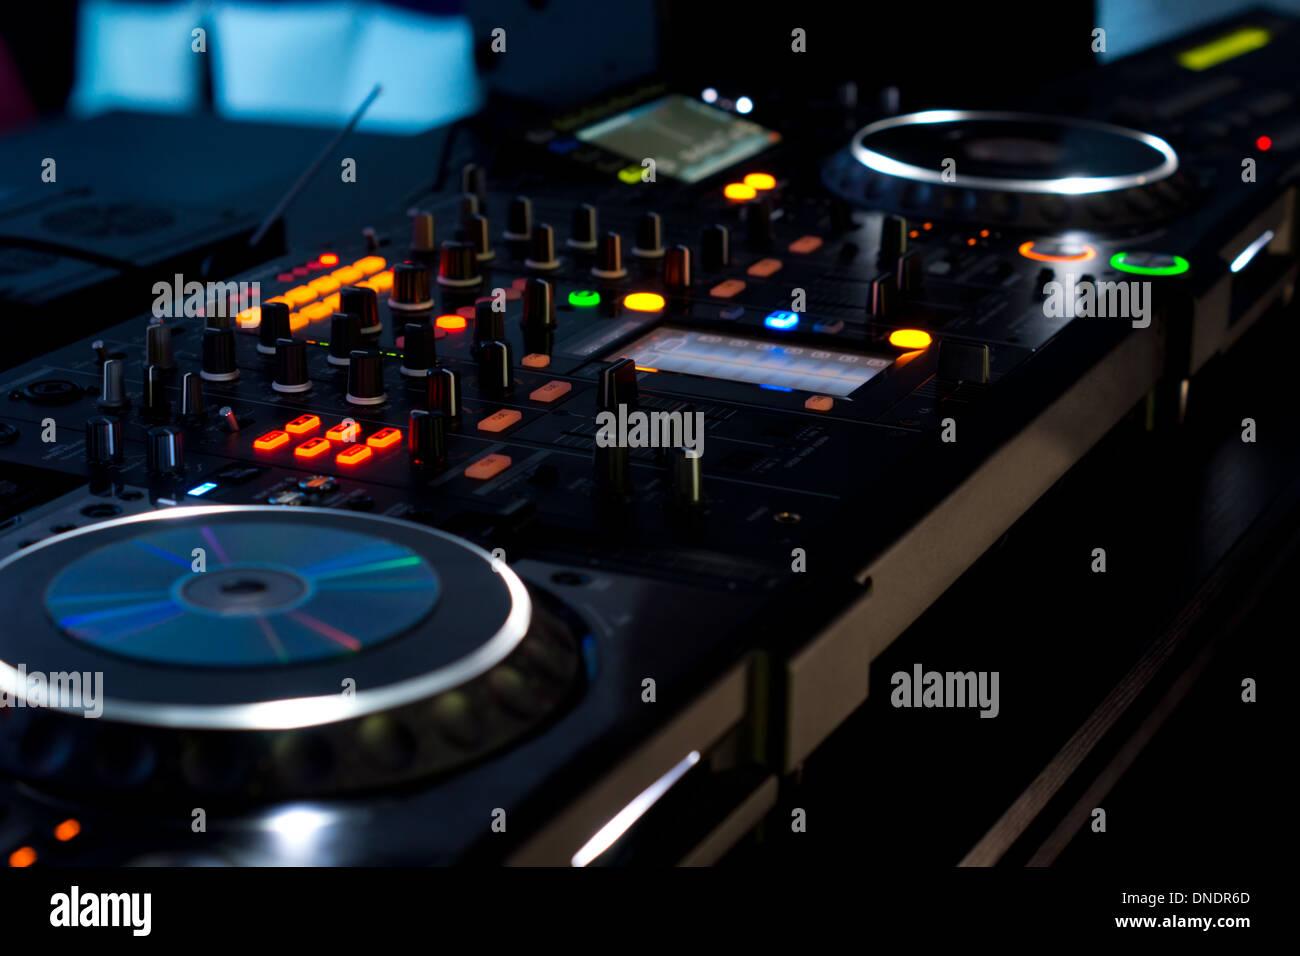 Musik-Deck in eine Disco mit zwei Turntables und mehrere Schalter ...